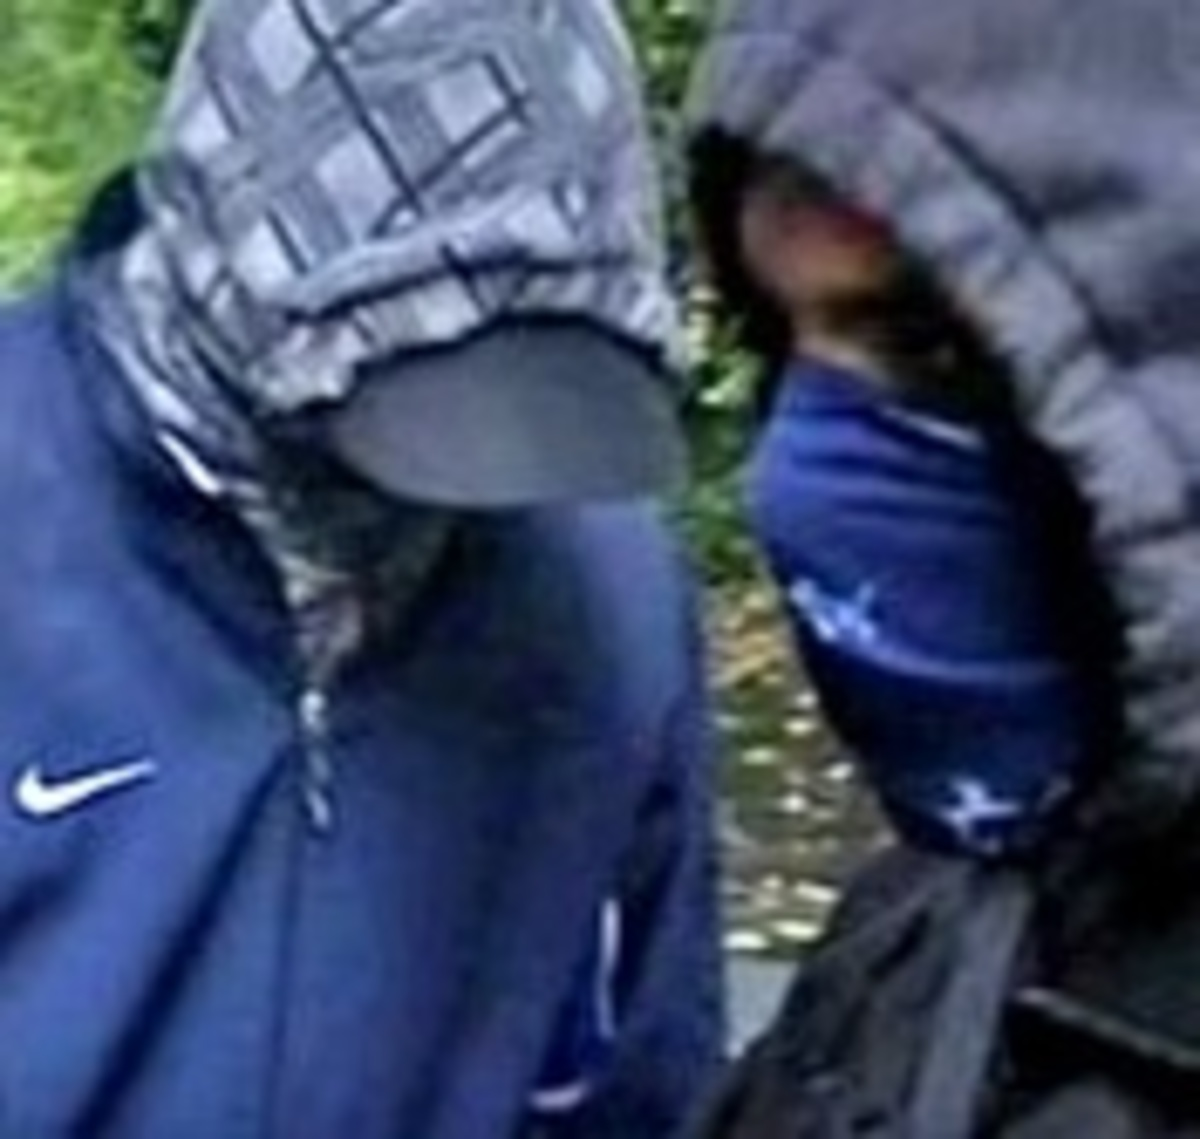 Λαμία: Άγριο ξύλο σε σχολική εκδρομή – Οργή, φόβος και τραυματίες! | Newsit.gr